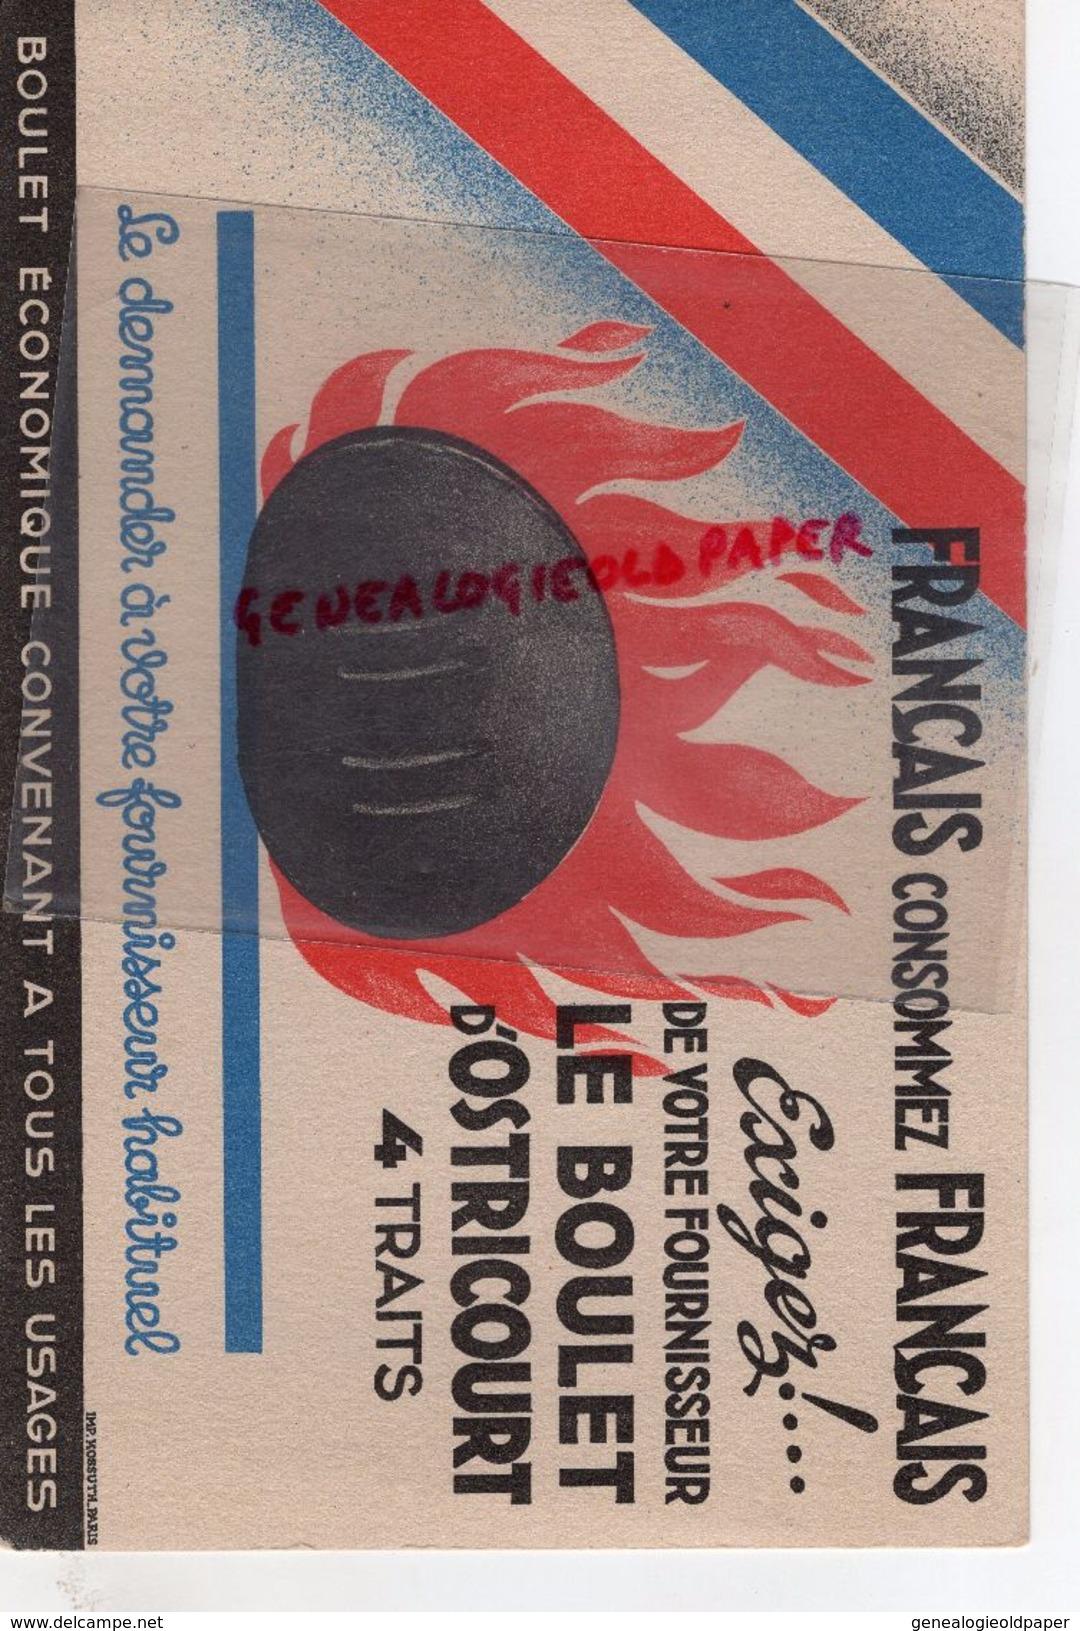 59 - OSTRICOURT- RARE BUVARD FRANCAIS CONCOMMEZ FRANCAIS-LE BOULET CHARBON- IMPRIMERIE KOSSUTH PARIS - Buvards, Protège-cahiers Illustrés